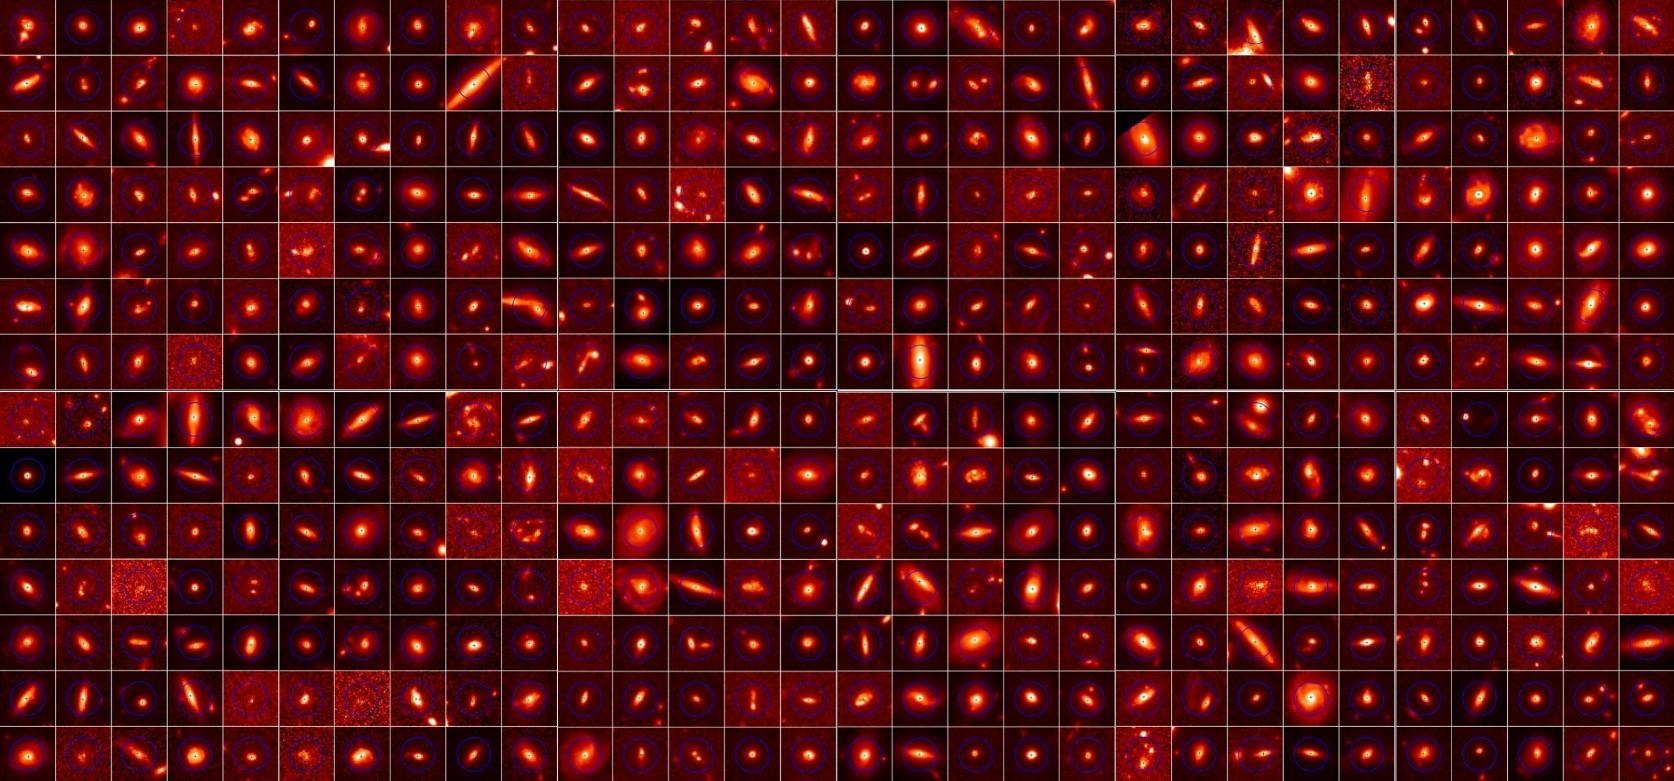 تصاویر تلسکوپ فضایی هرشل از بخشی از کهکشان های بررسی شده در این پژوهش